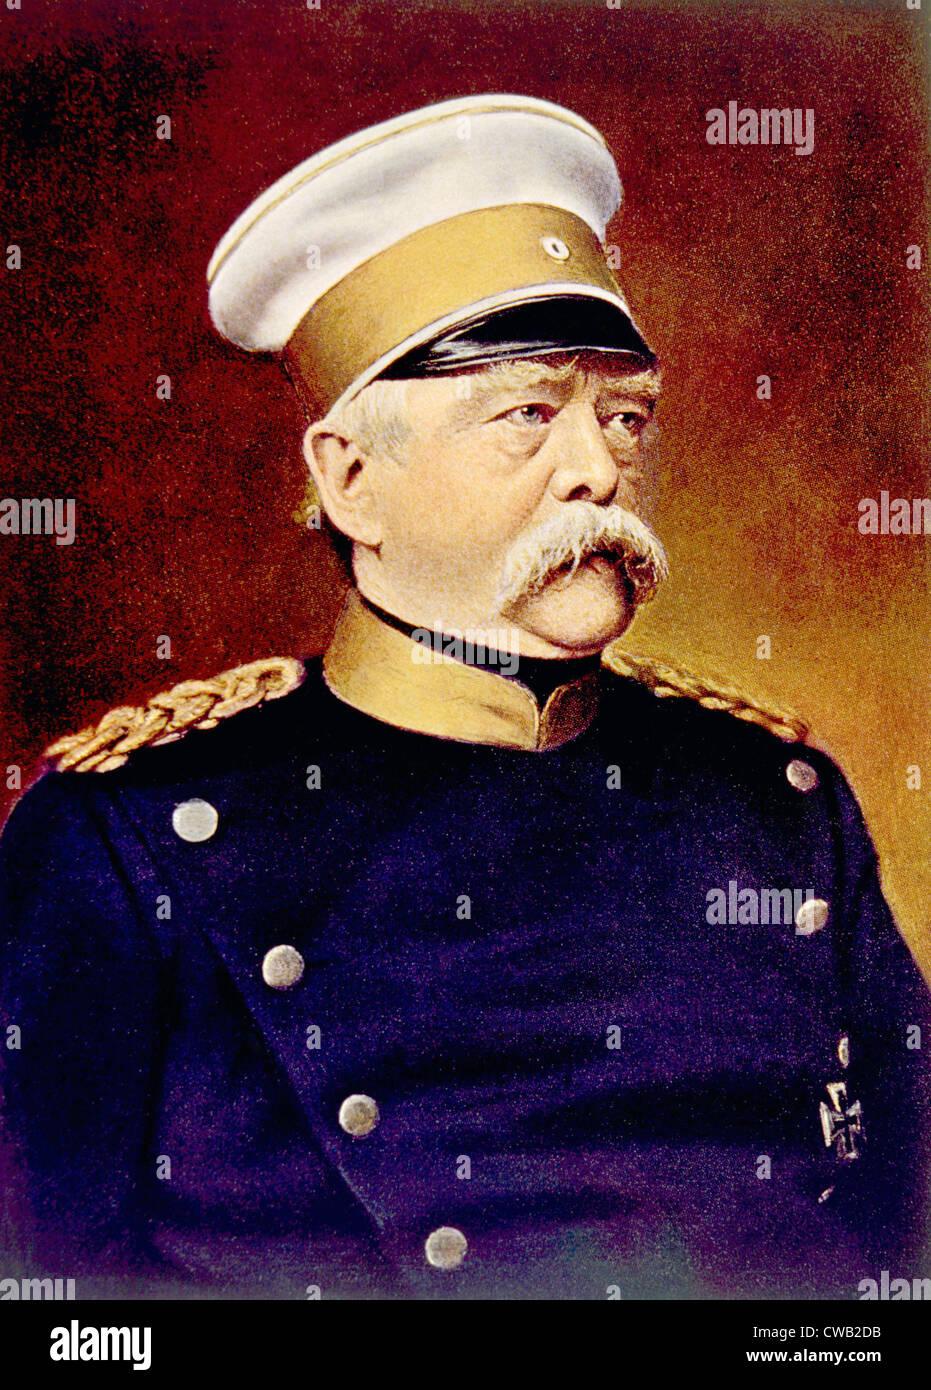 Otto von Bismarck (1815-1898), Bundeskanzler der Bundesrepublik Deutschland, bekannt als der Eiserne Kanzler Stockbild